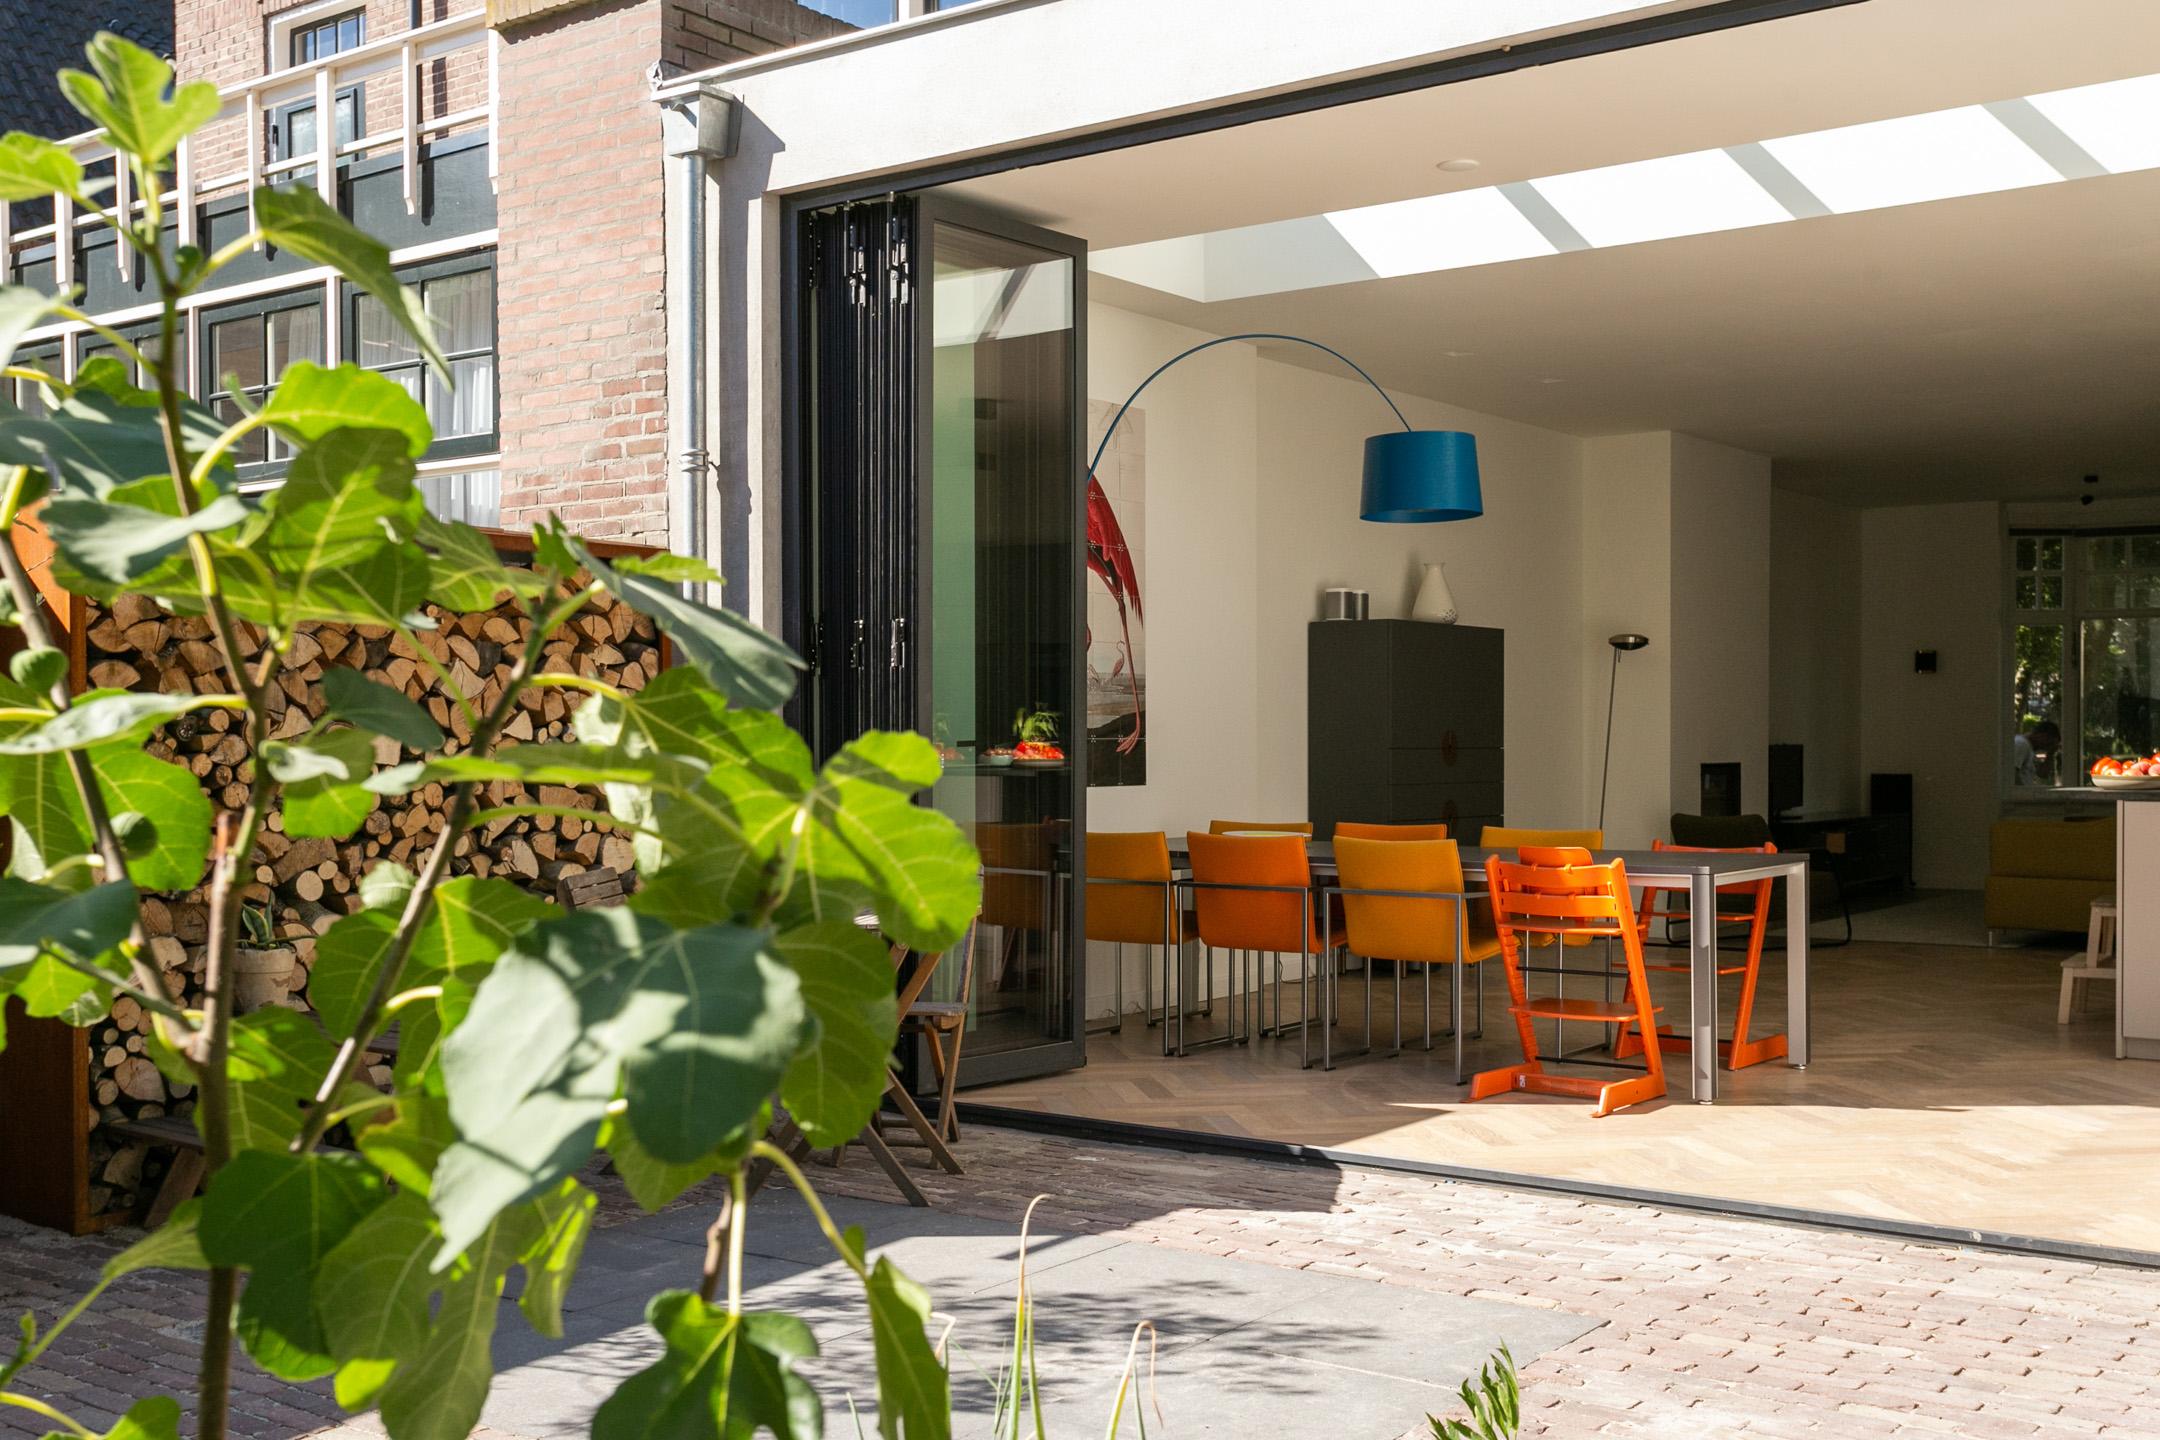 Suzanne_Geux_renovatie en verbouwing_Eindhoven_aanbouw_3.jpg